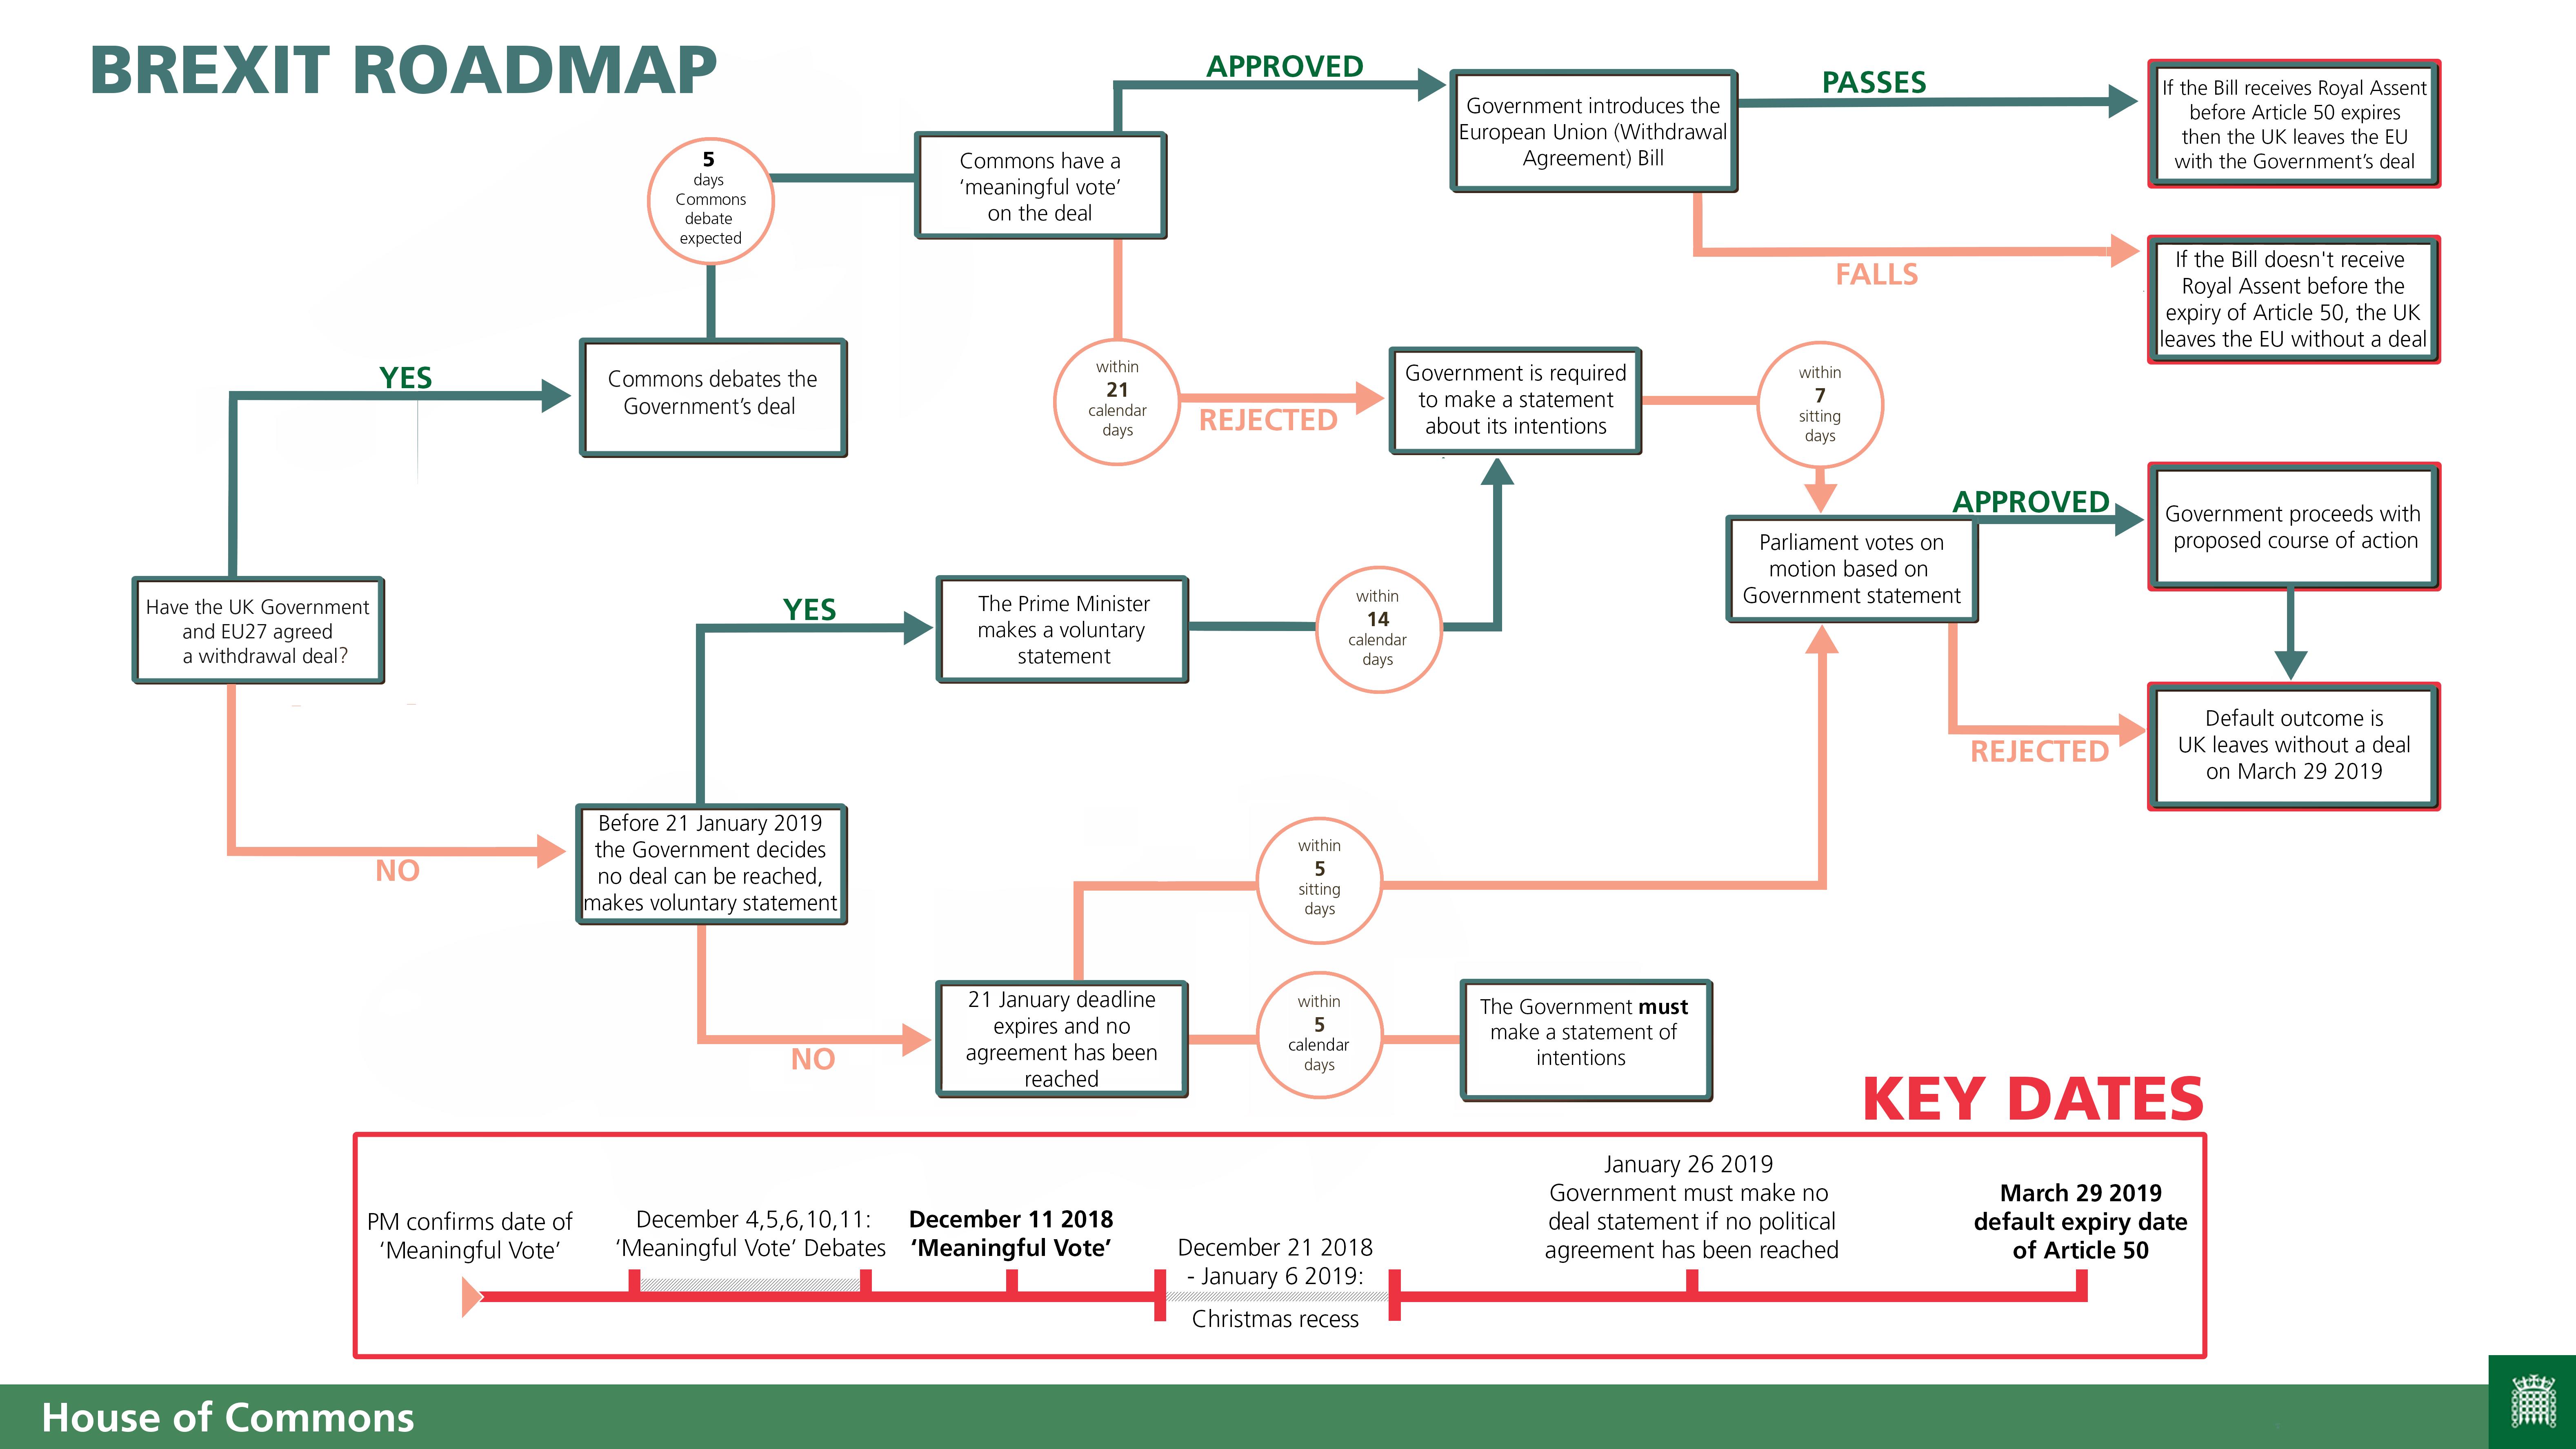 Cronologia do Brexit no parlamento britânico